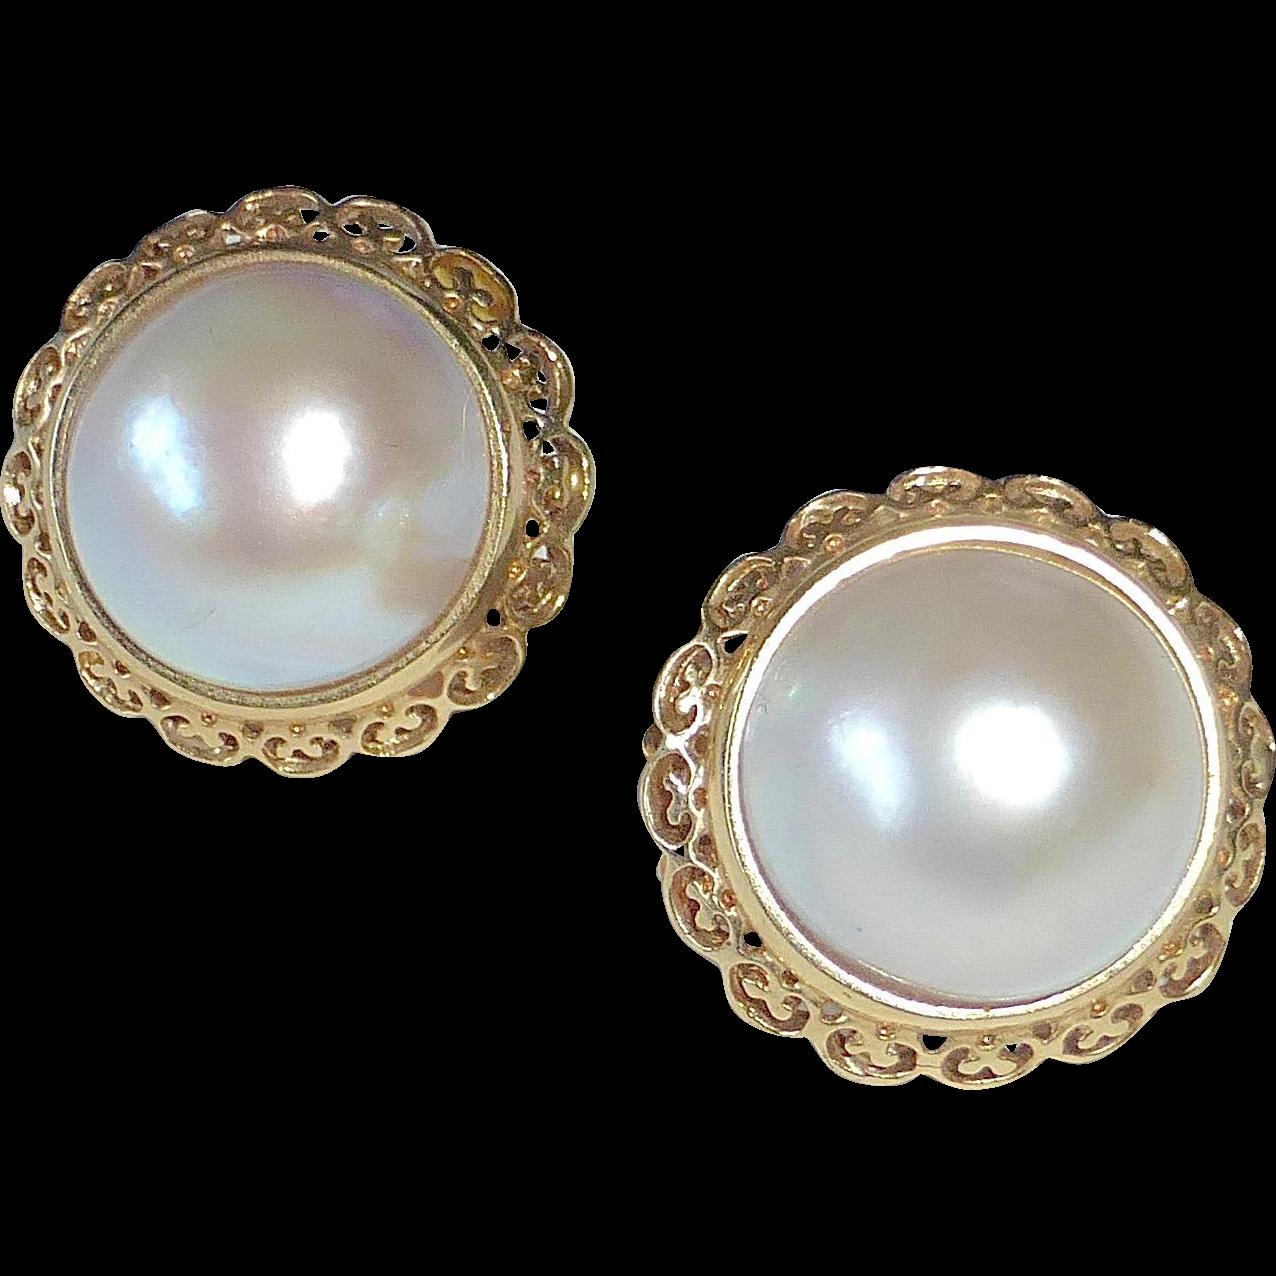 14k Lustrous Mabe Pearl Earrings Filigree Frame